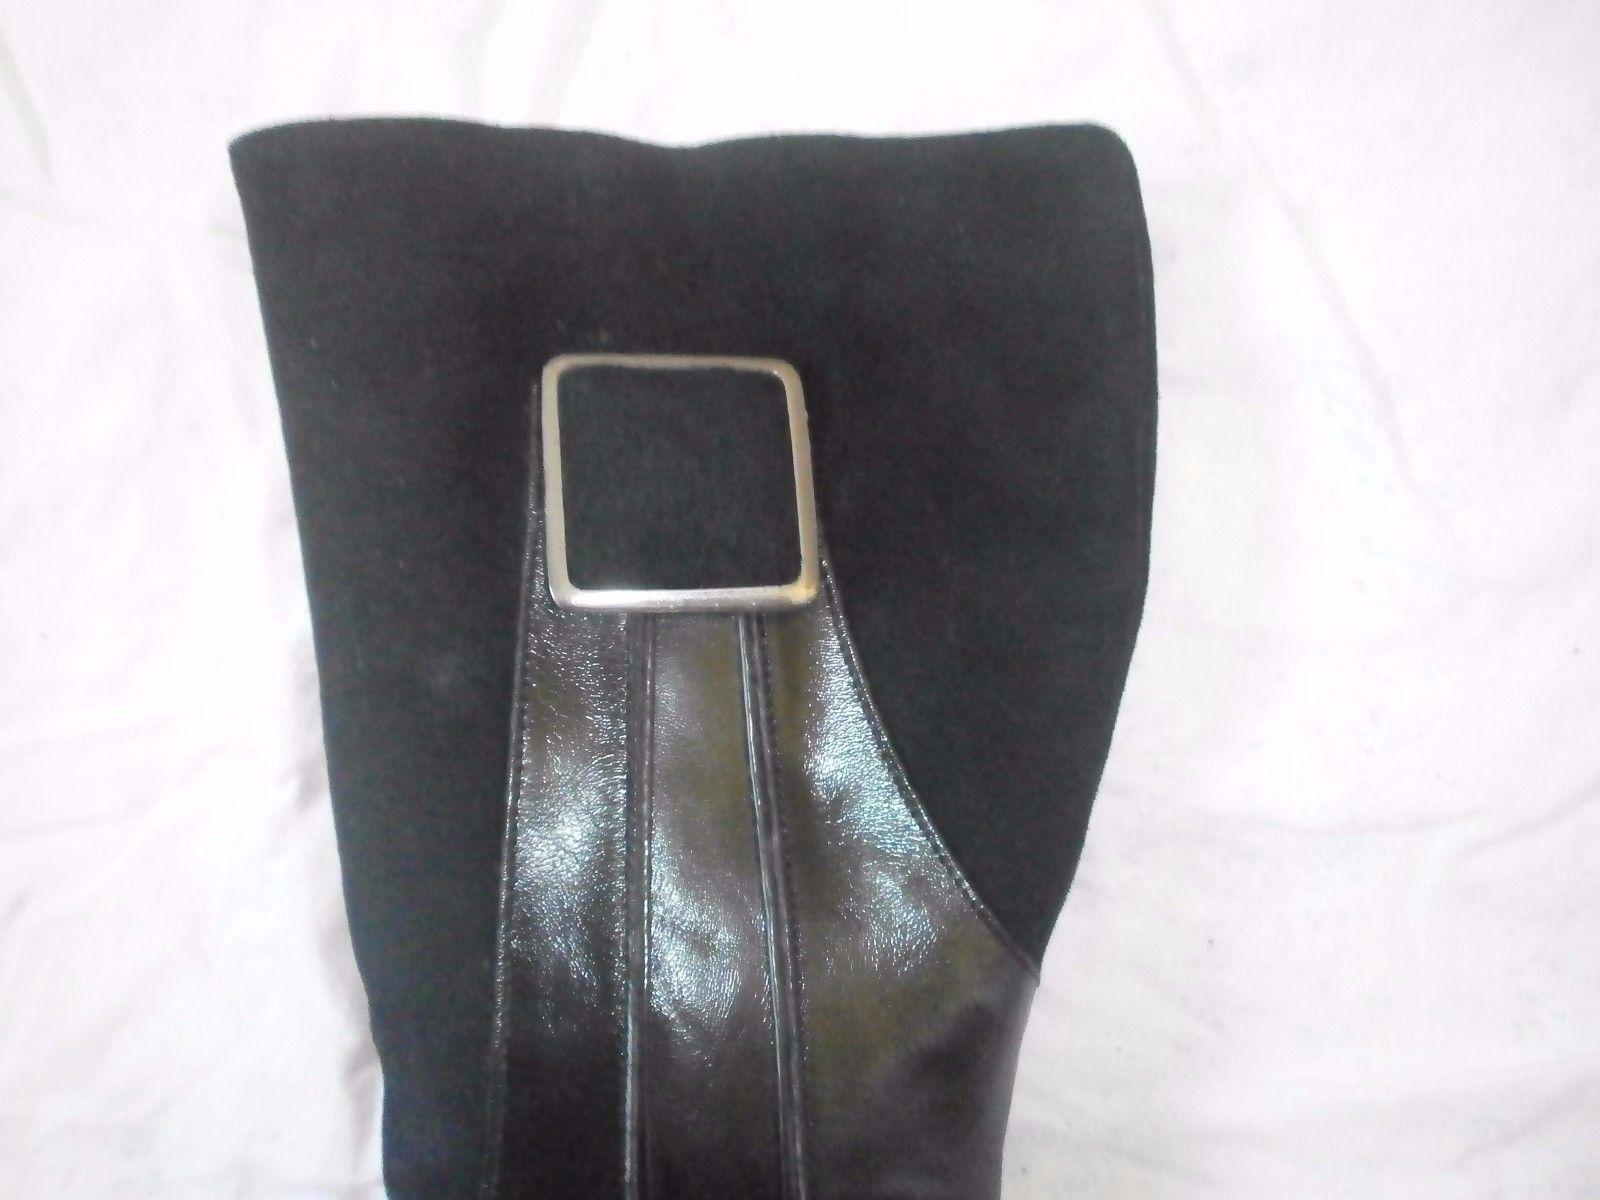 Bottes cuir chaudes doublées Dégriffée NEUF taille 38 Marque Dégriffée doublées chaussures 1cd5f3